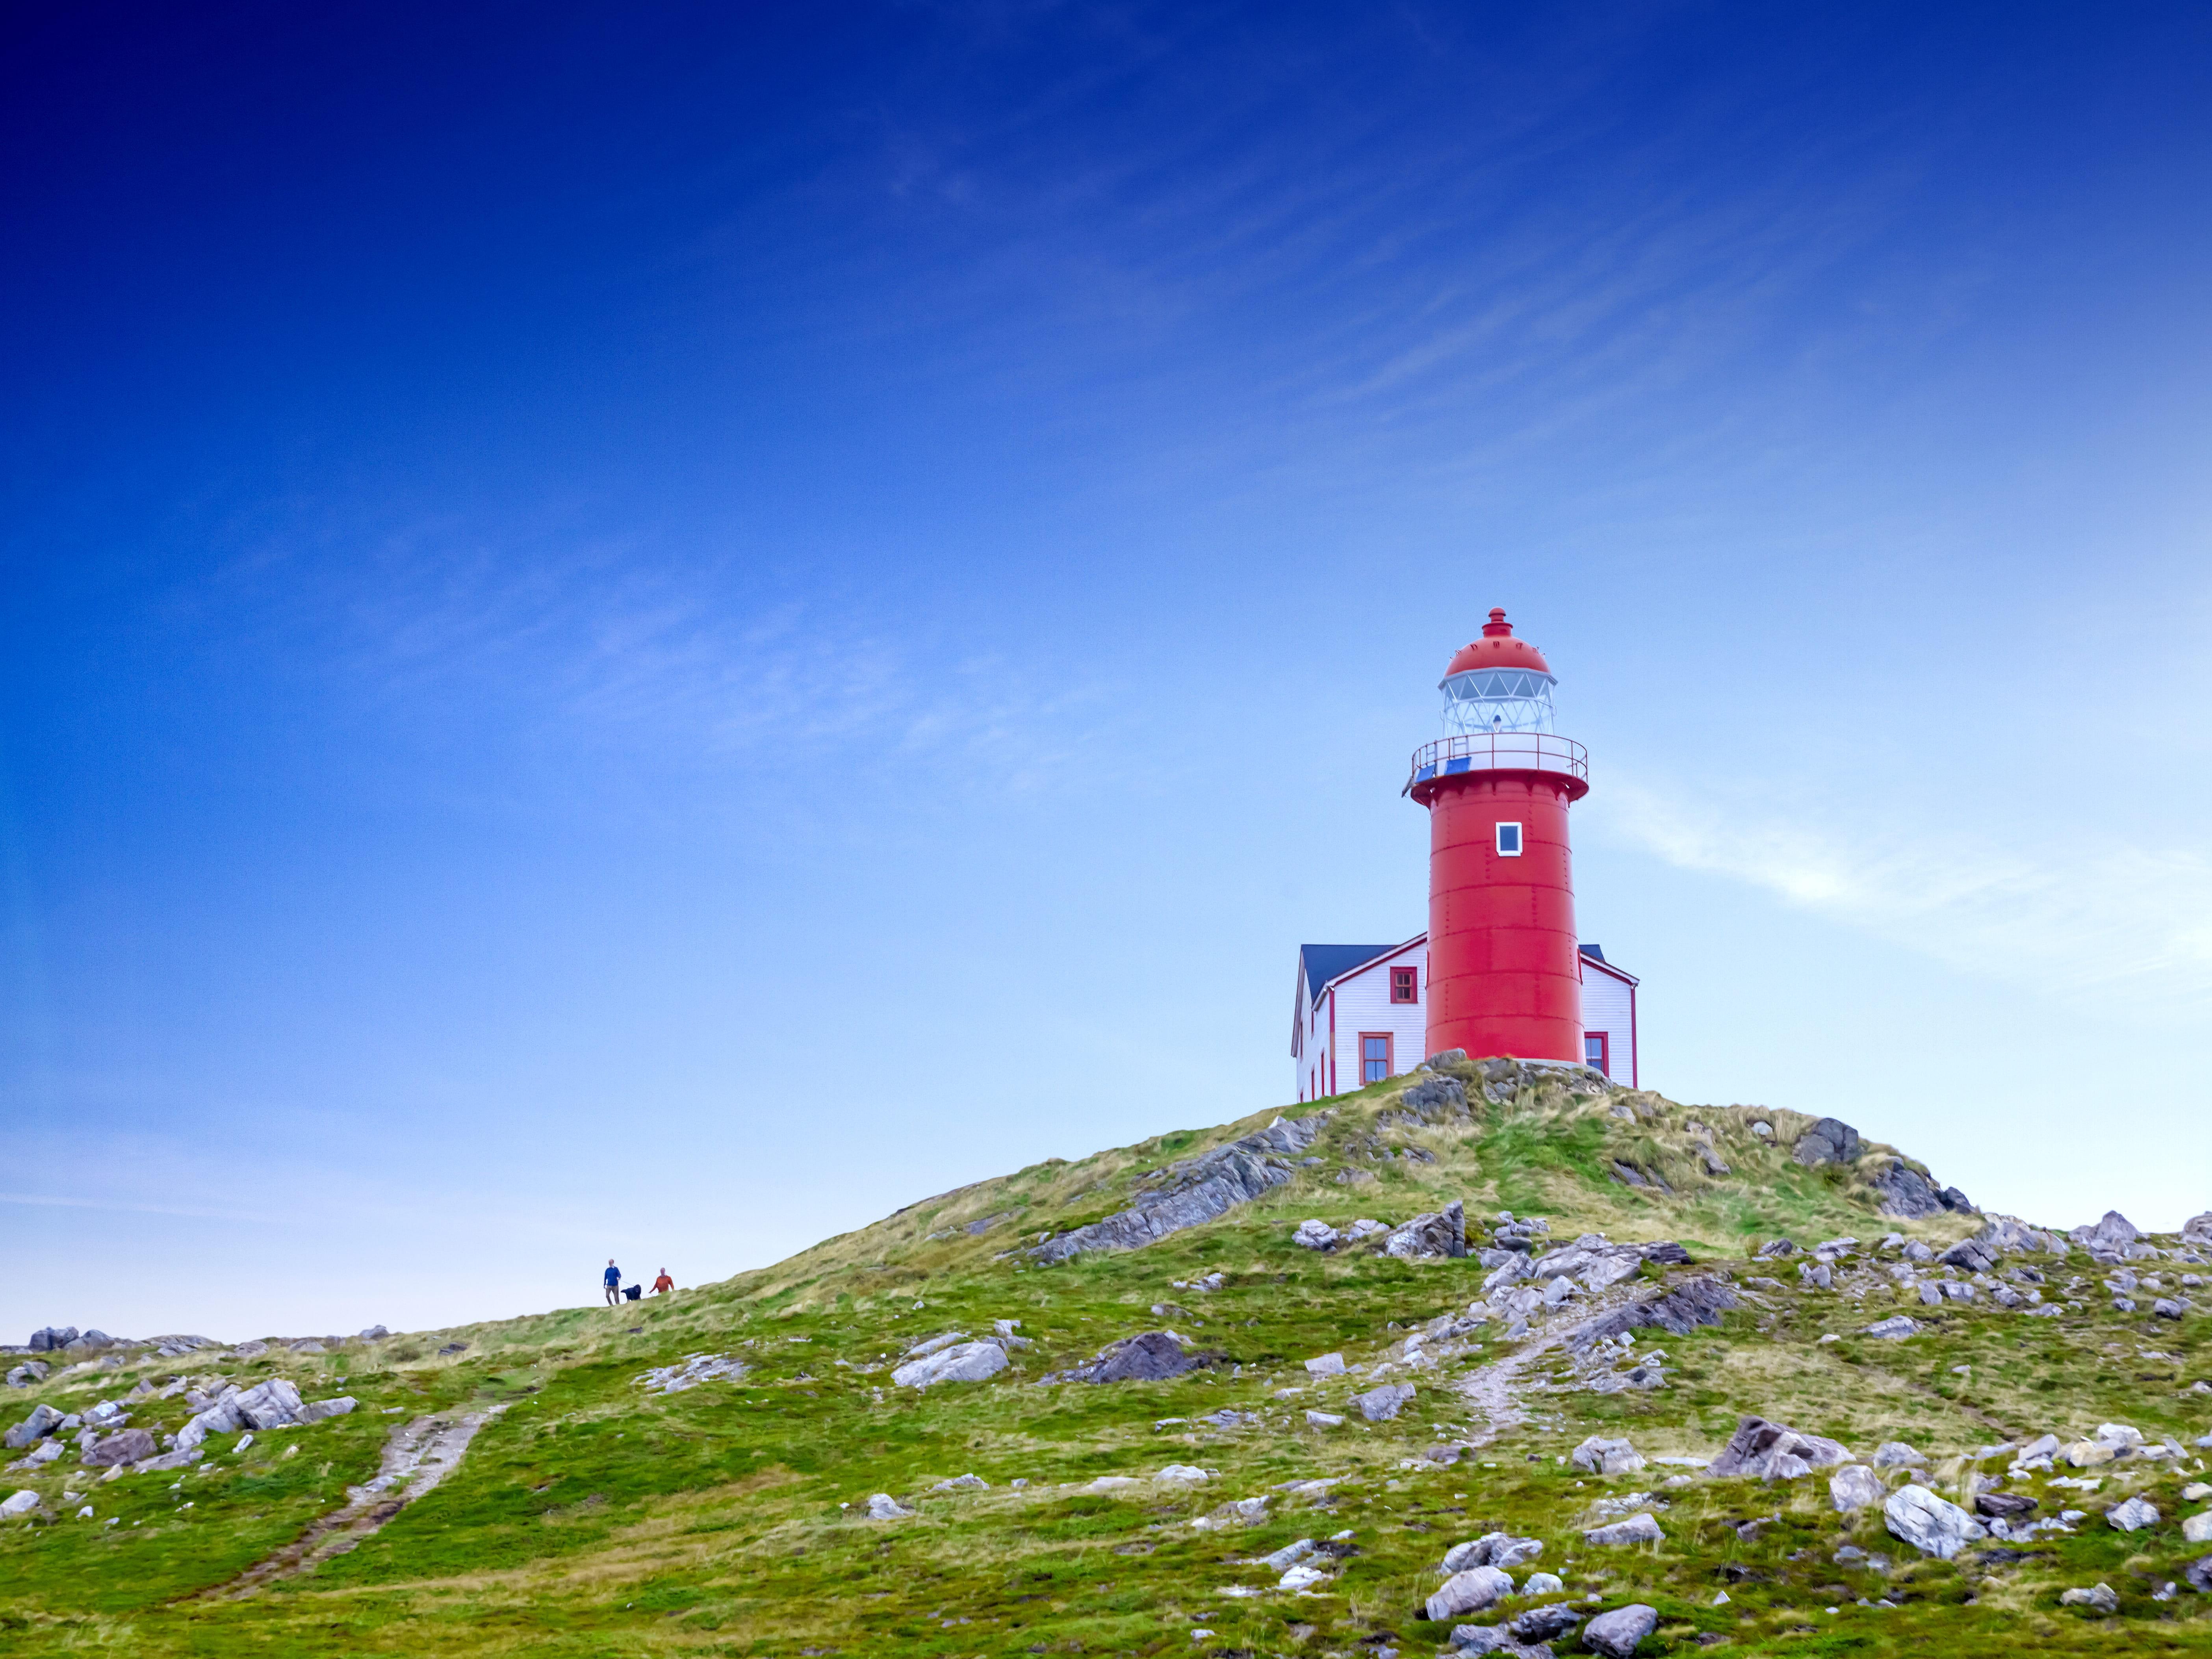 Ferryland Newfoundland and Labrador Canada